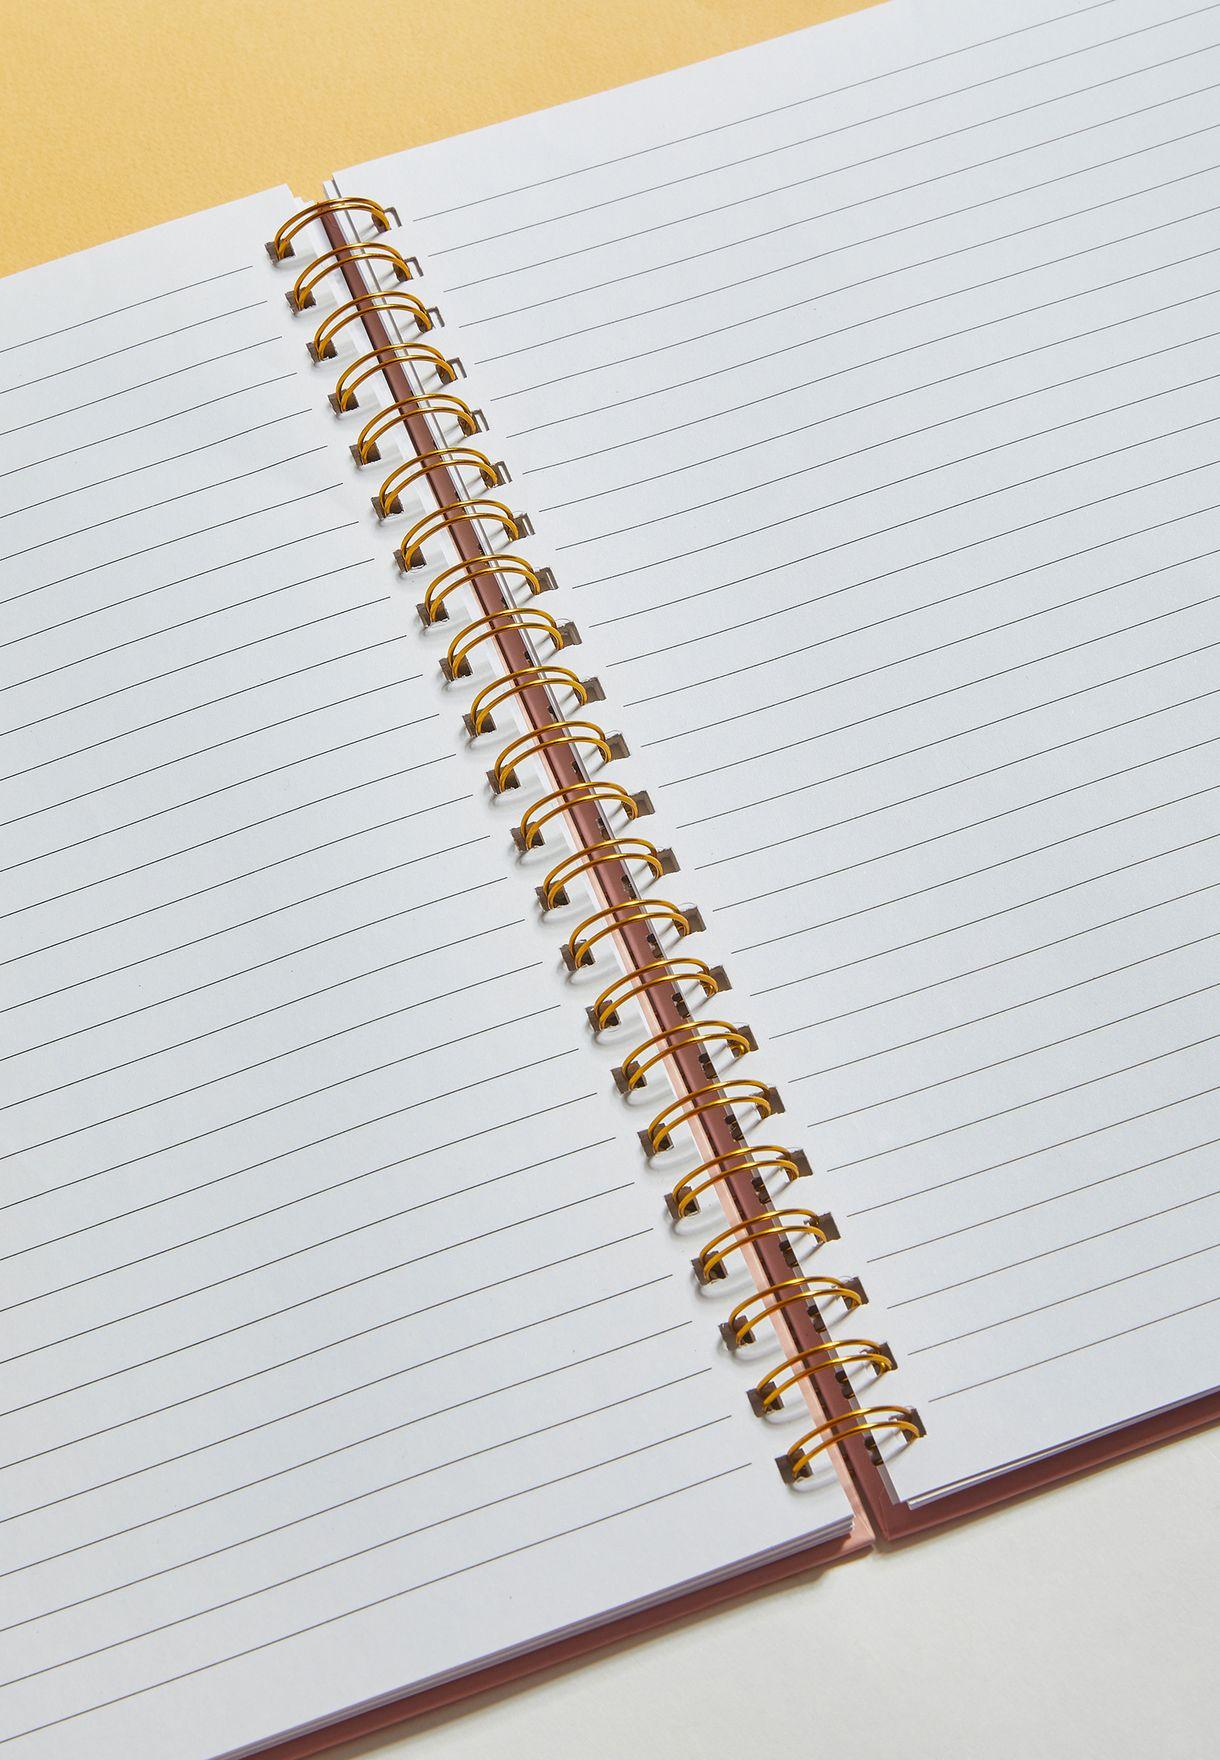 دفتر محاضرات بطبعات عبارات